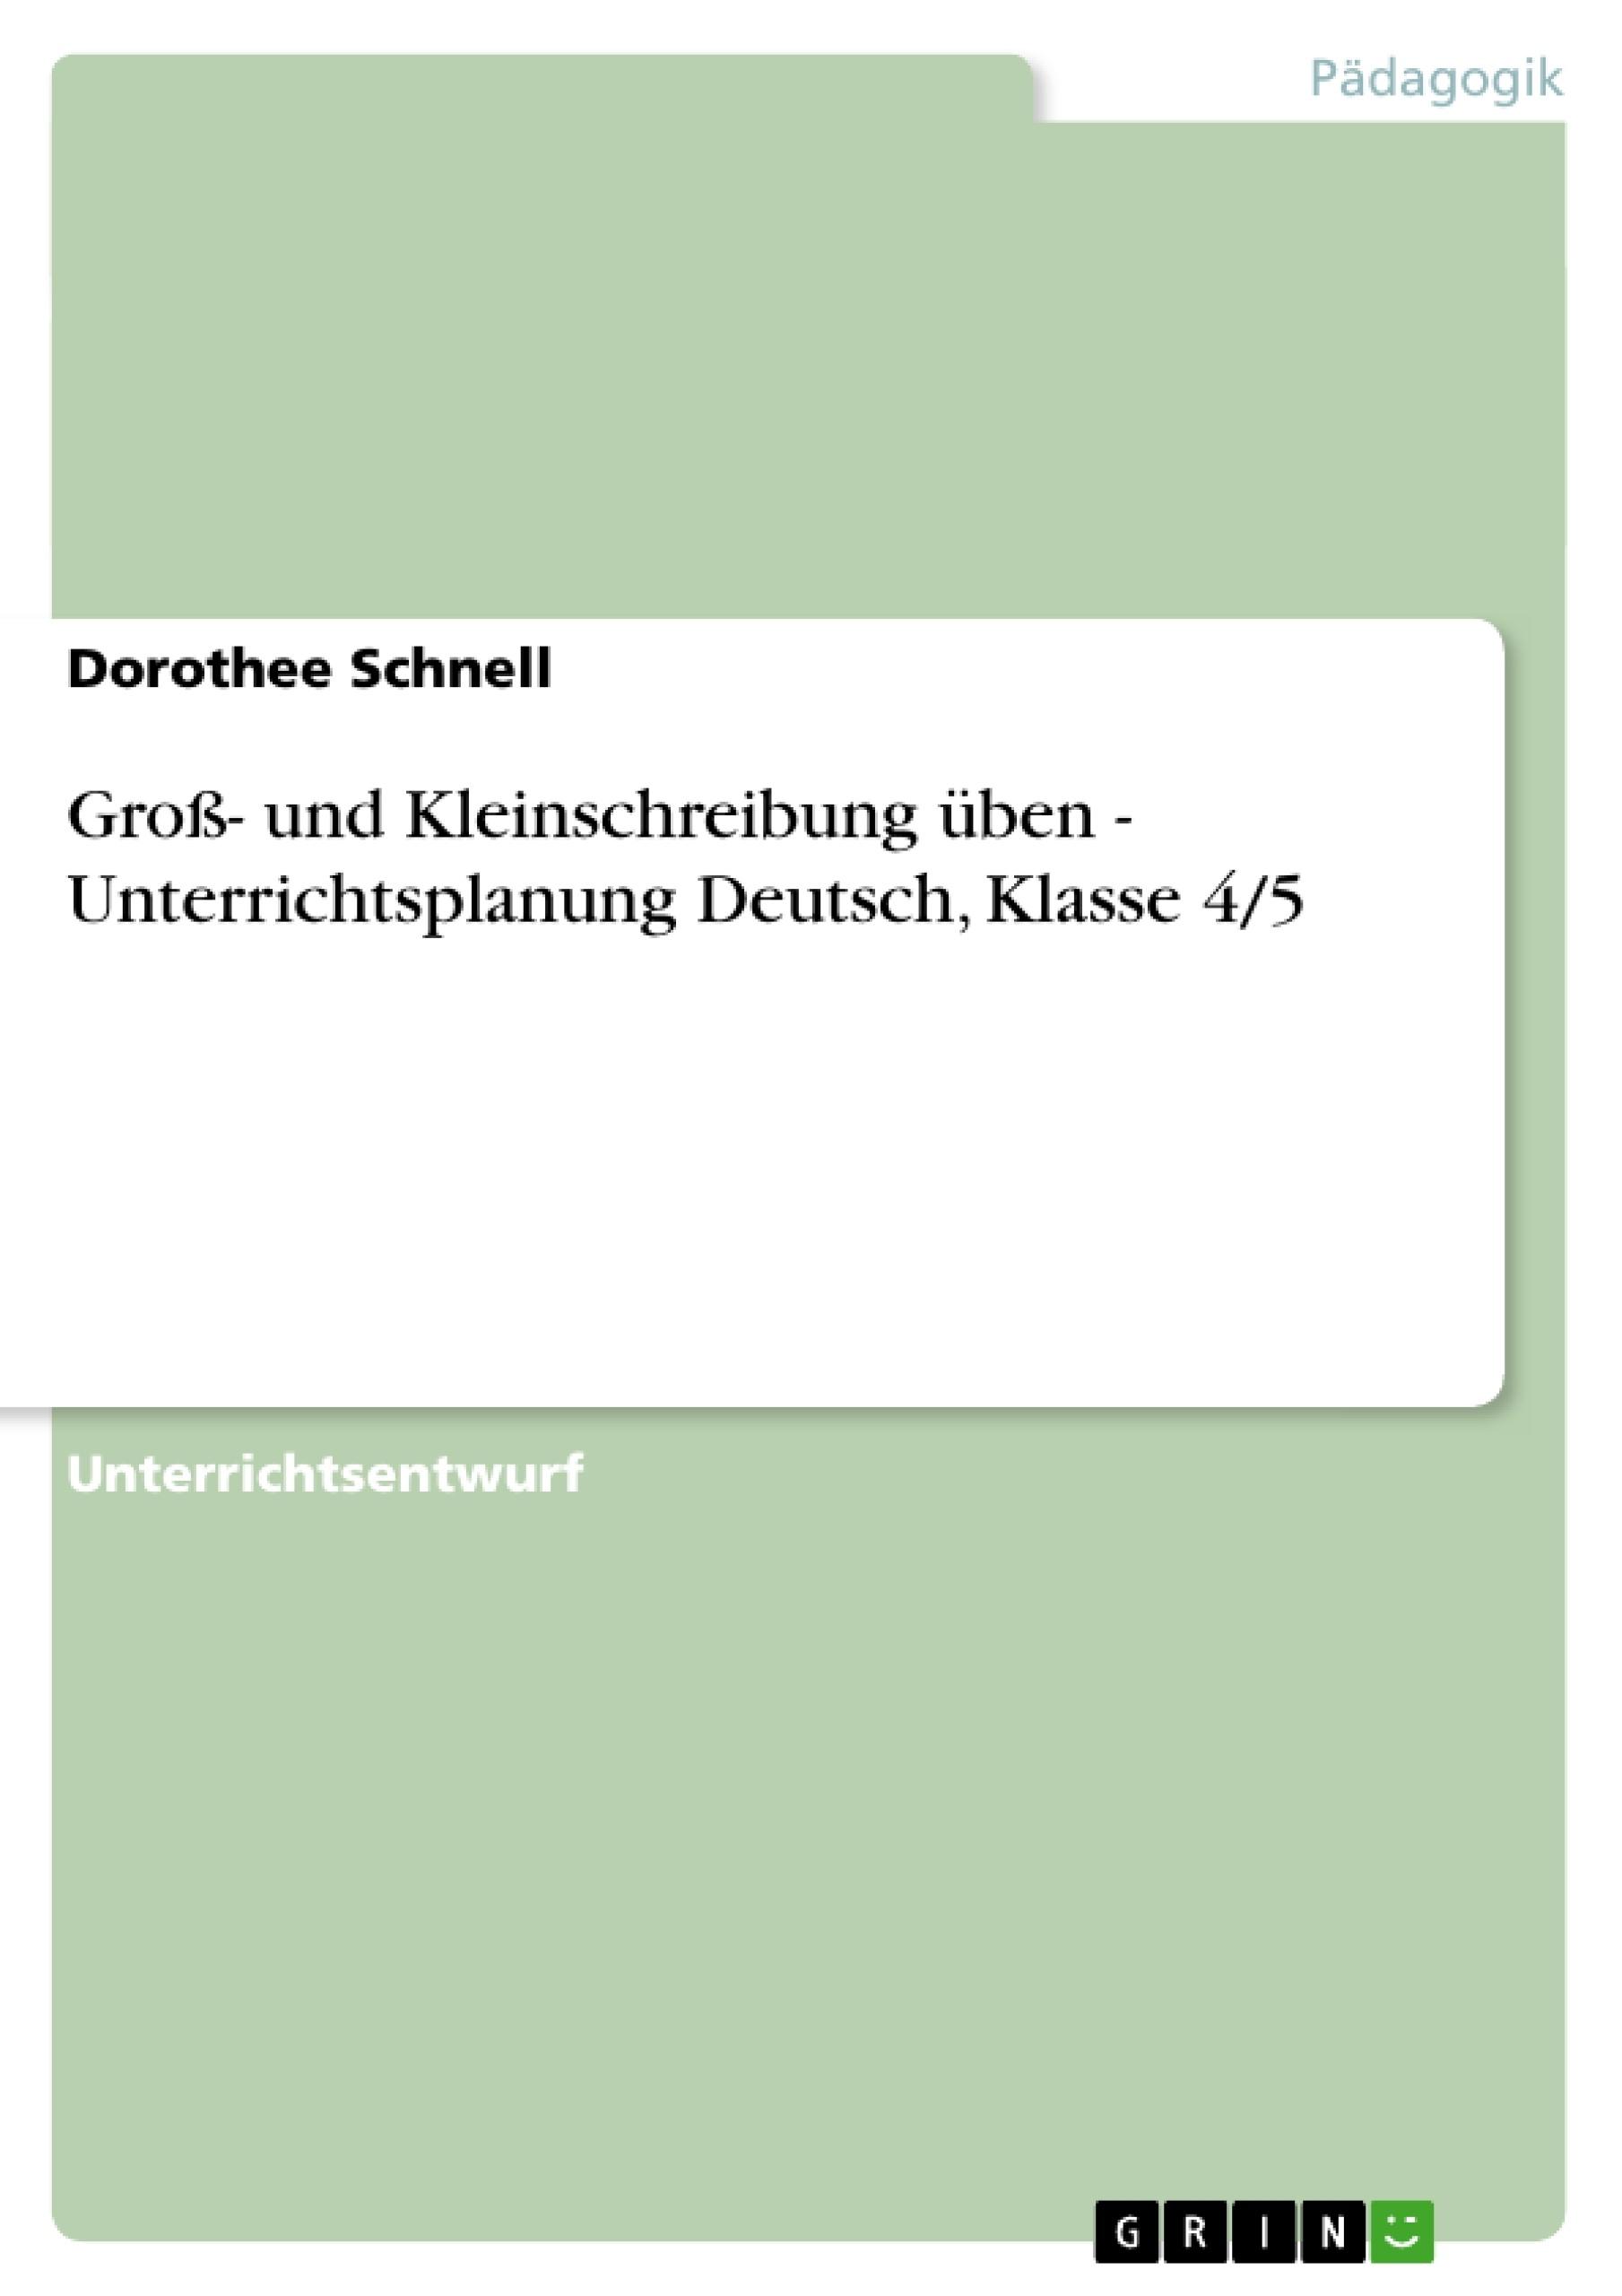 Titel: Groß- und Kleinschreibung üben - Unterrichtsplanung Deutsch, Klasse 4/5